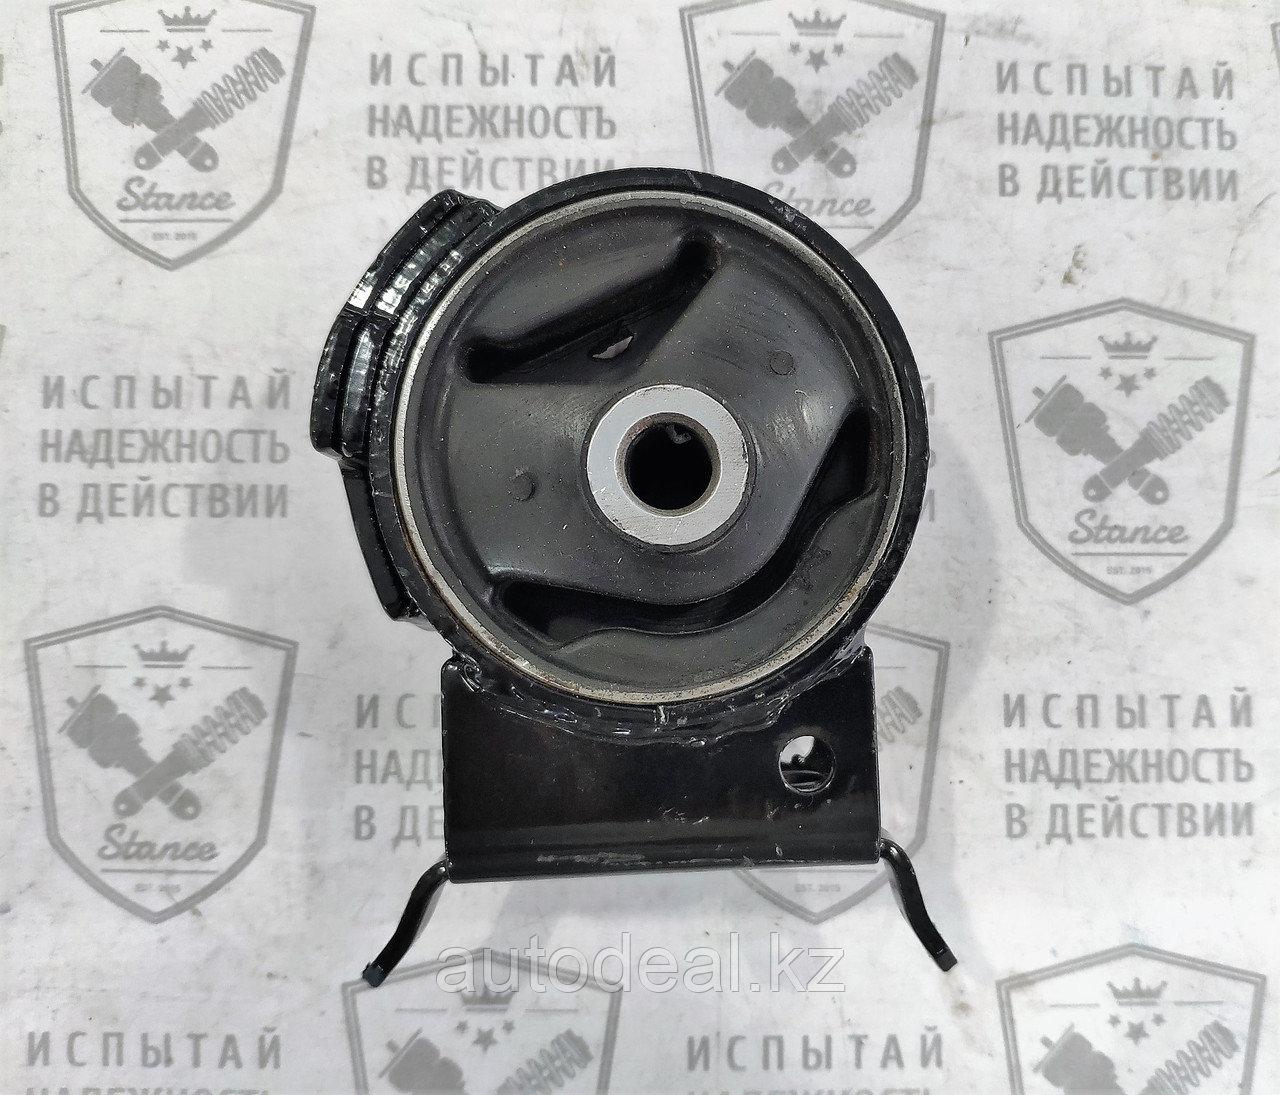 Опора двигателя левая Geely GC6/MK / Left side engine bearer